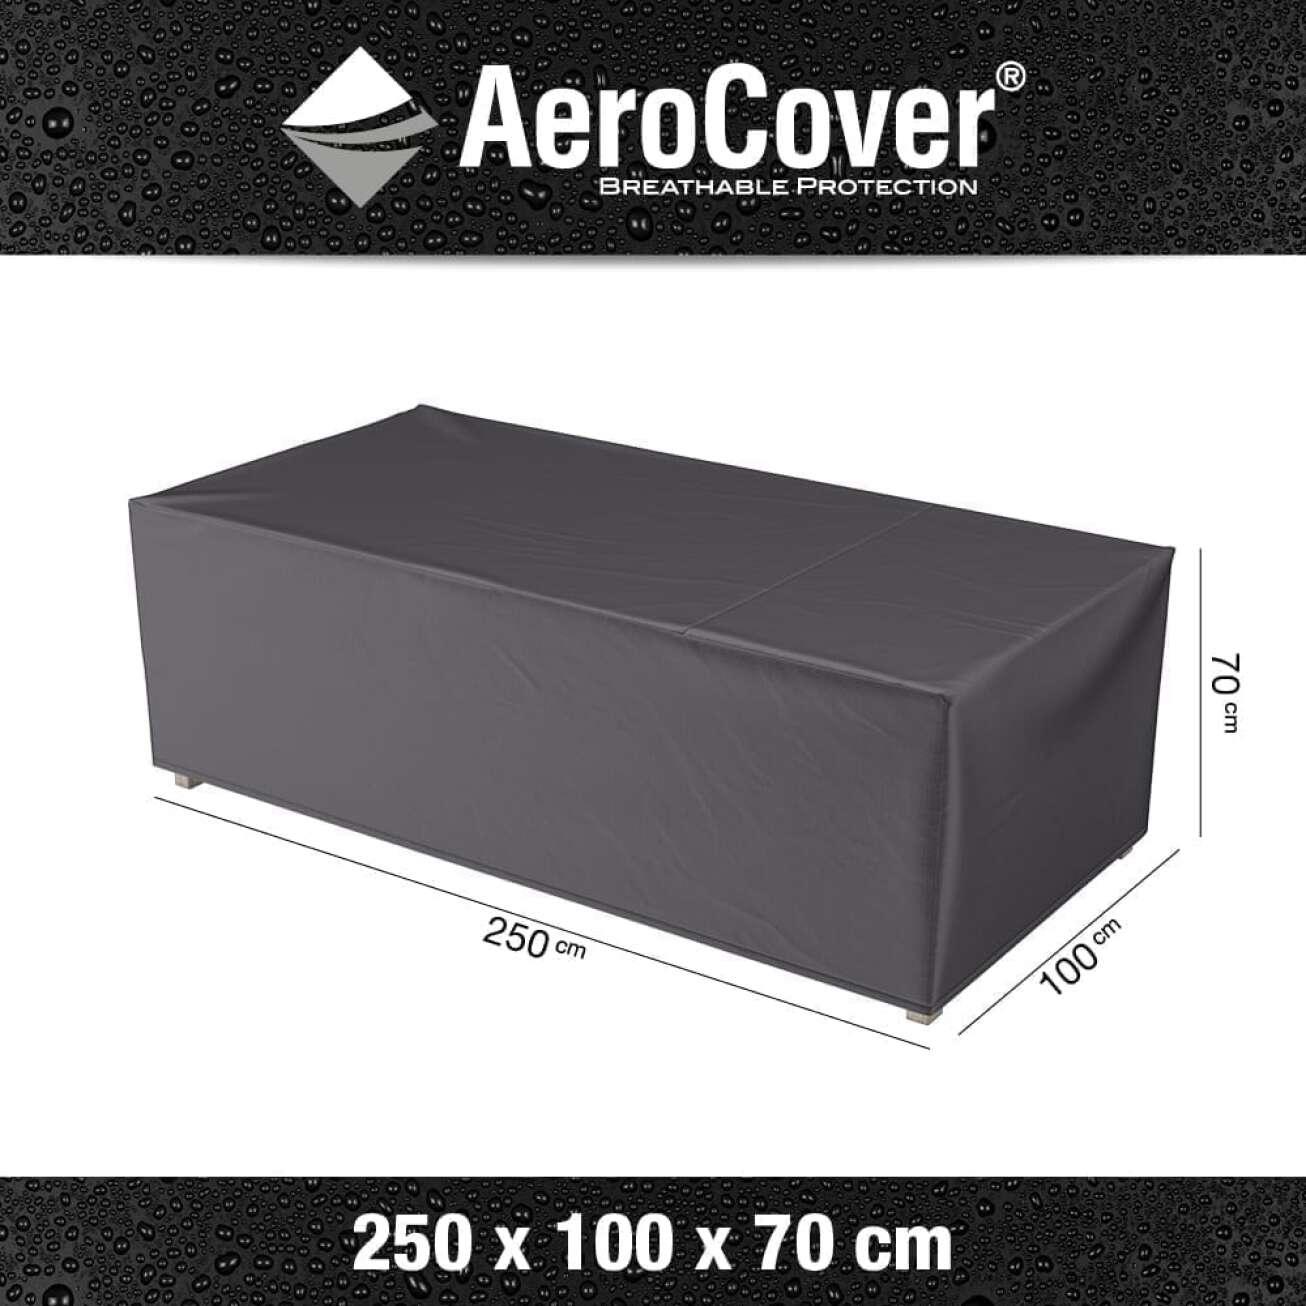 møbeltrekk-for-sofa-250x100-steinkull-m-aerocover-8717591771302 Hagemøbler og utemøbler - Fine design